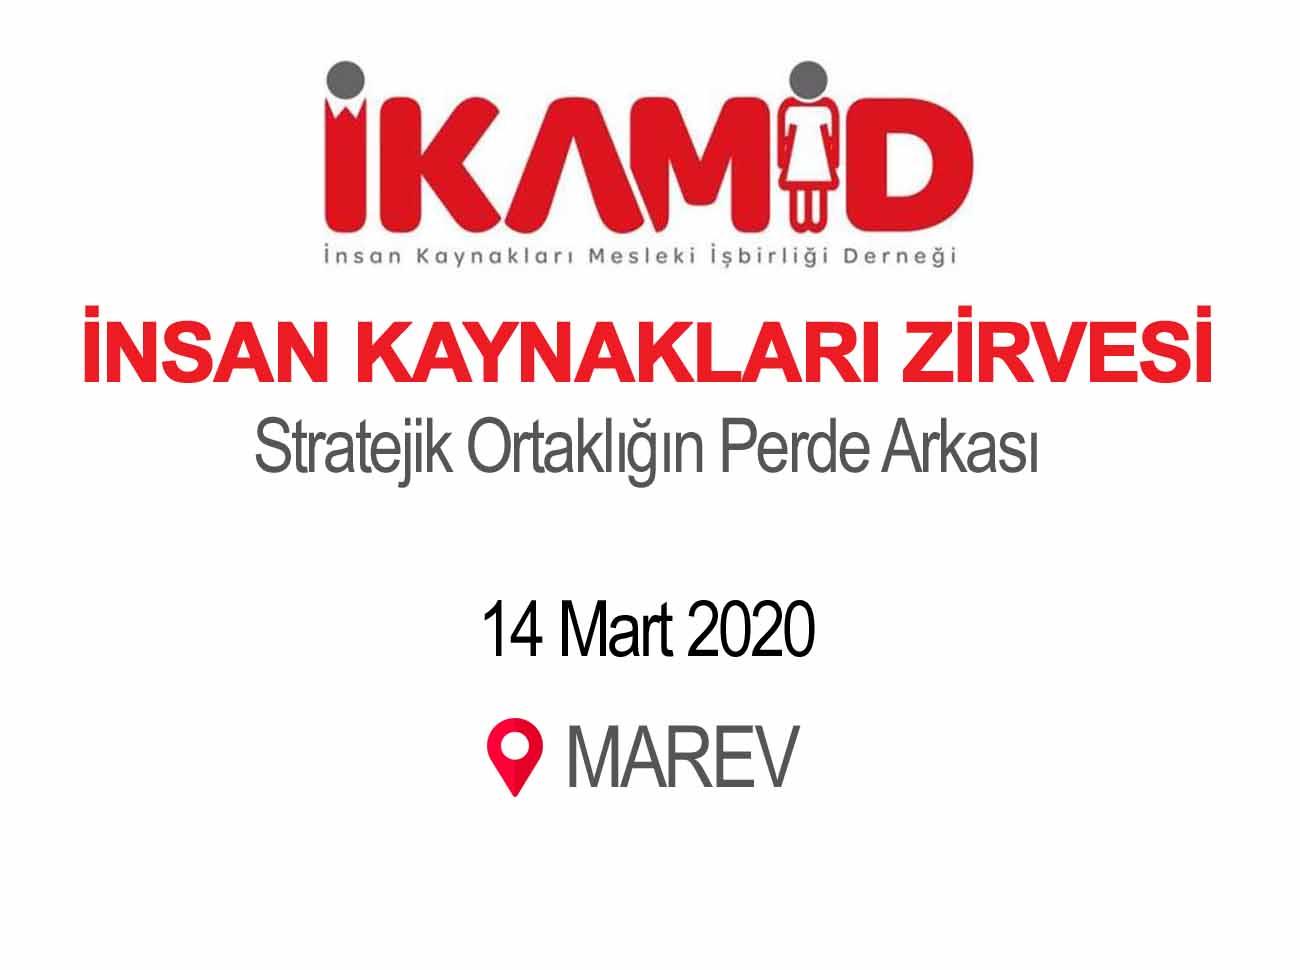 İKAMİD İnsan Kaynakları Zirvesi 14 Mart'ta